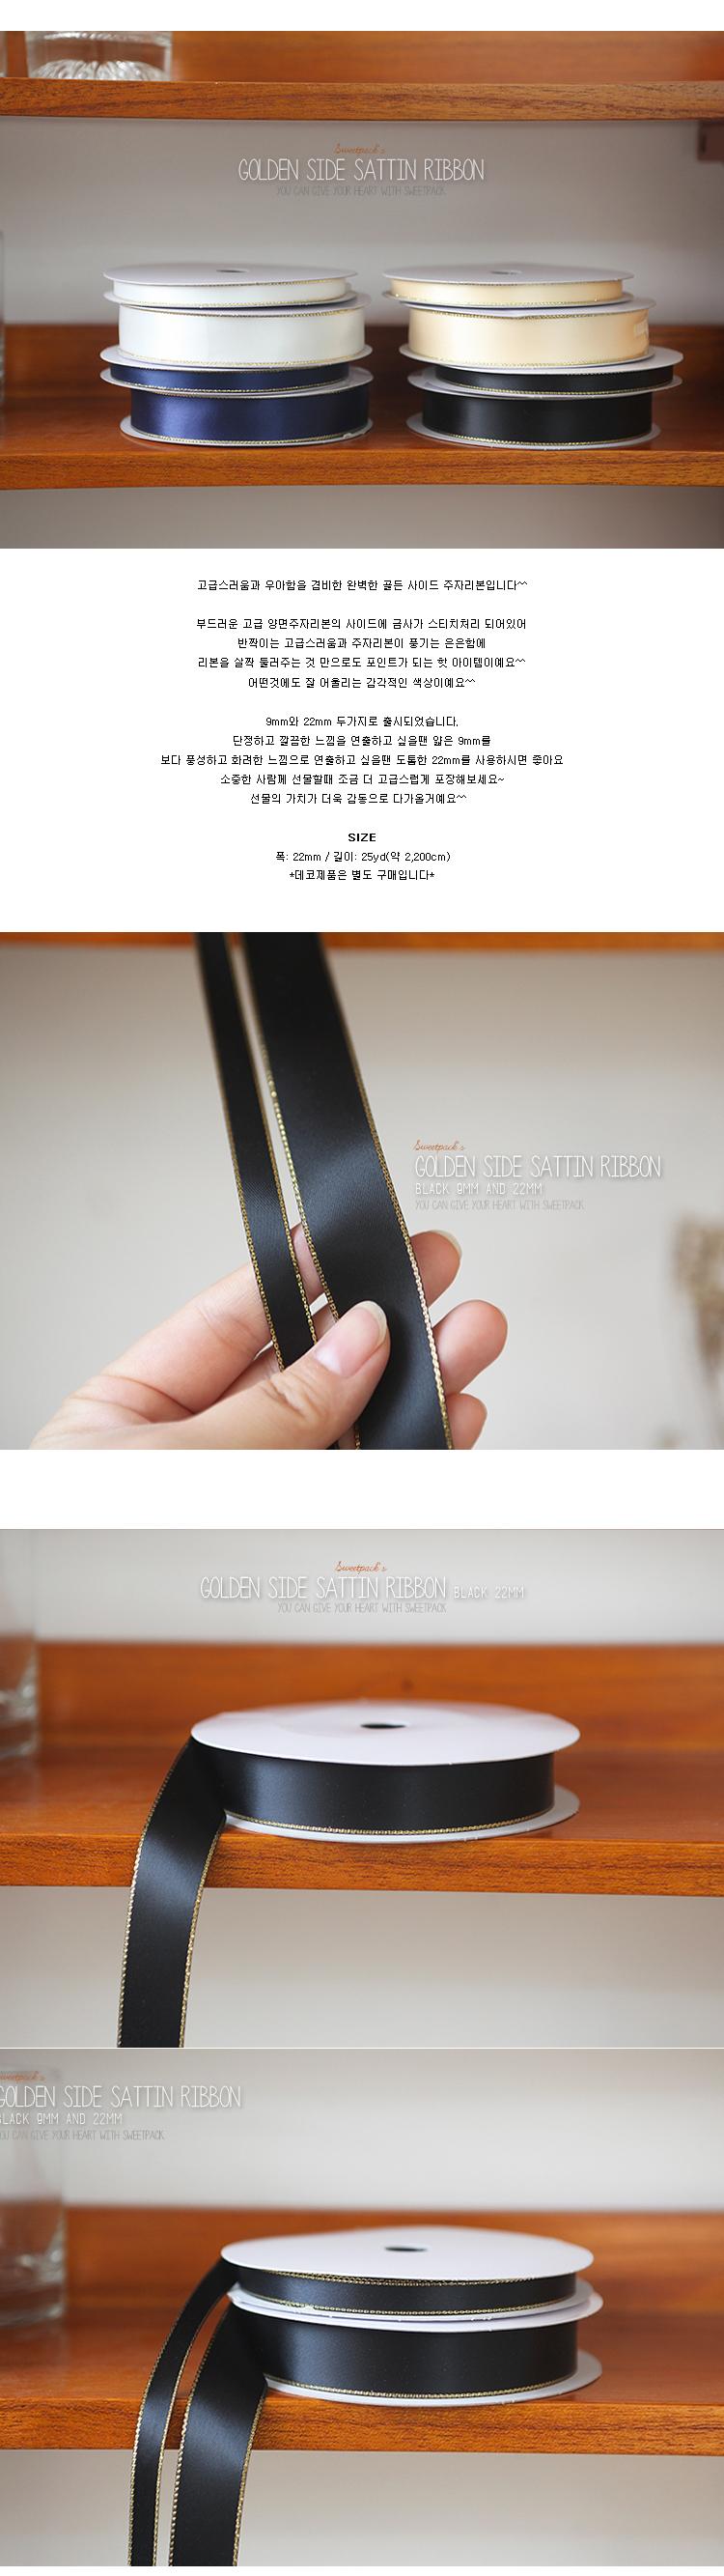 블랙 주자리본(양쪽 겉면금사) 22mm - 이홈베이킹, 6,300원, DIY재료, 포장용구